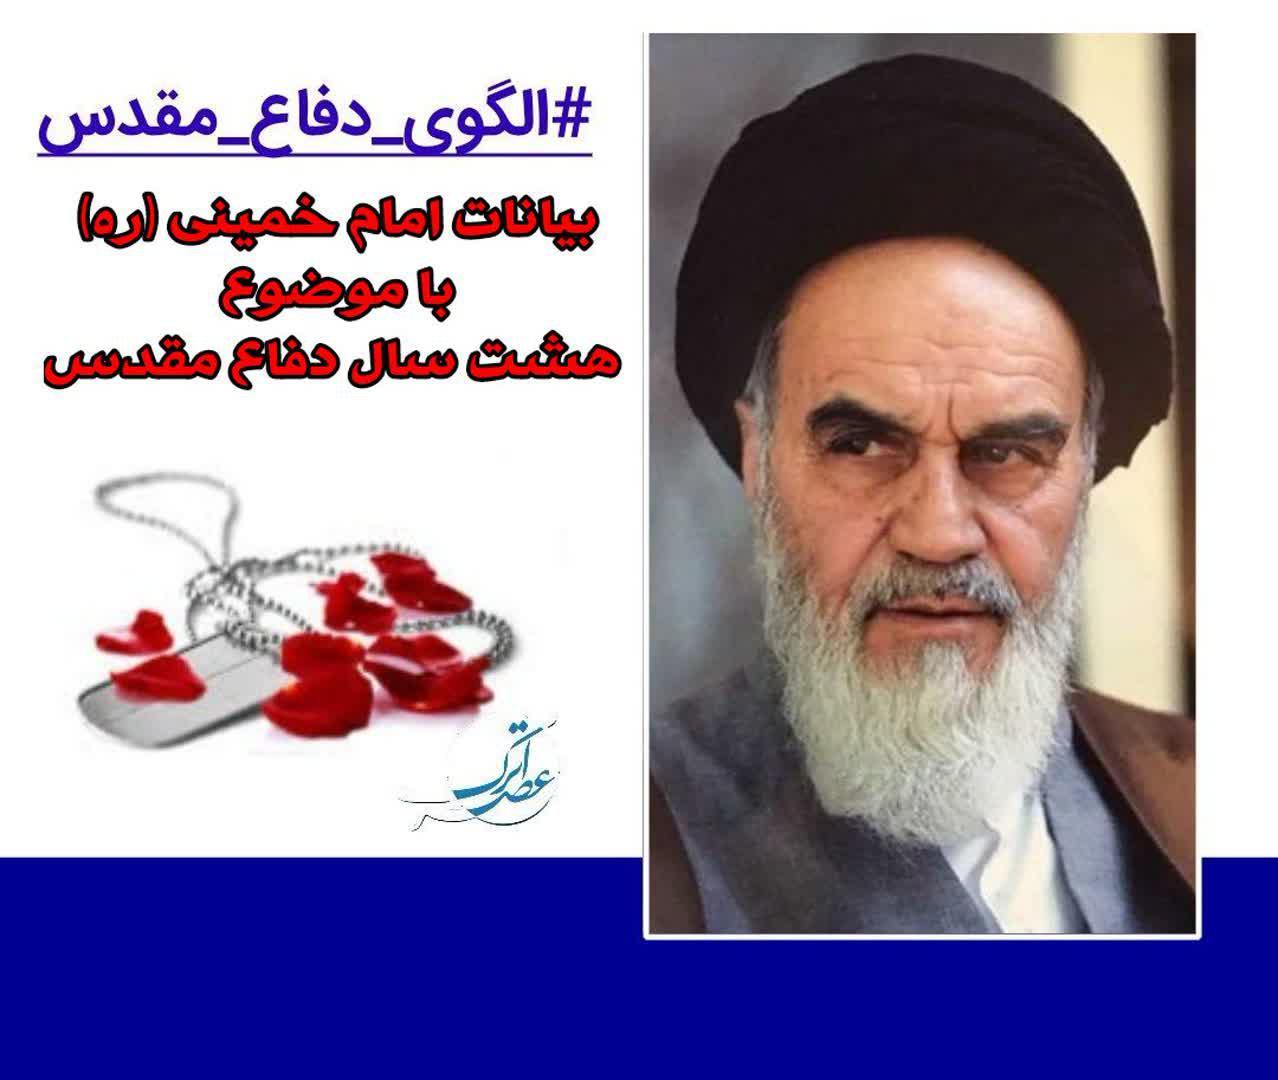 مجموعه عکس نوشت از سخنان امام خمینی (ره ) در رابطه با هشت سال دفاع مقدس